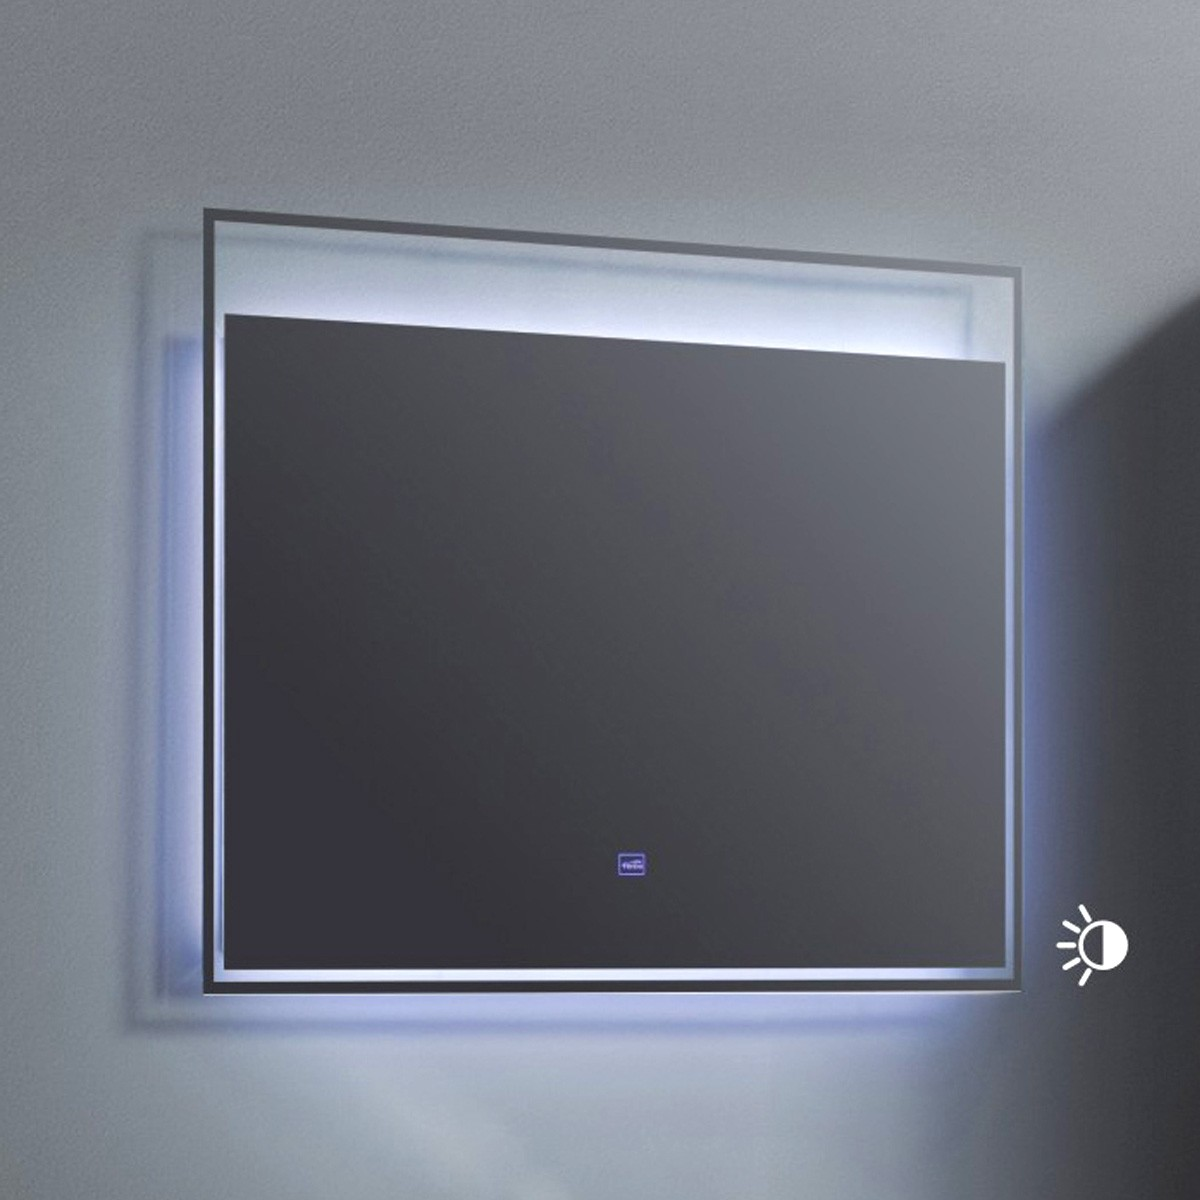 32 x 24 po Miroir à LED avec bouton tactile (ZRW8002-M)